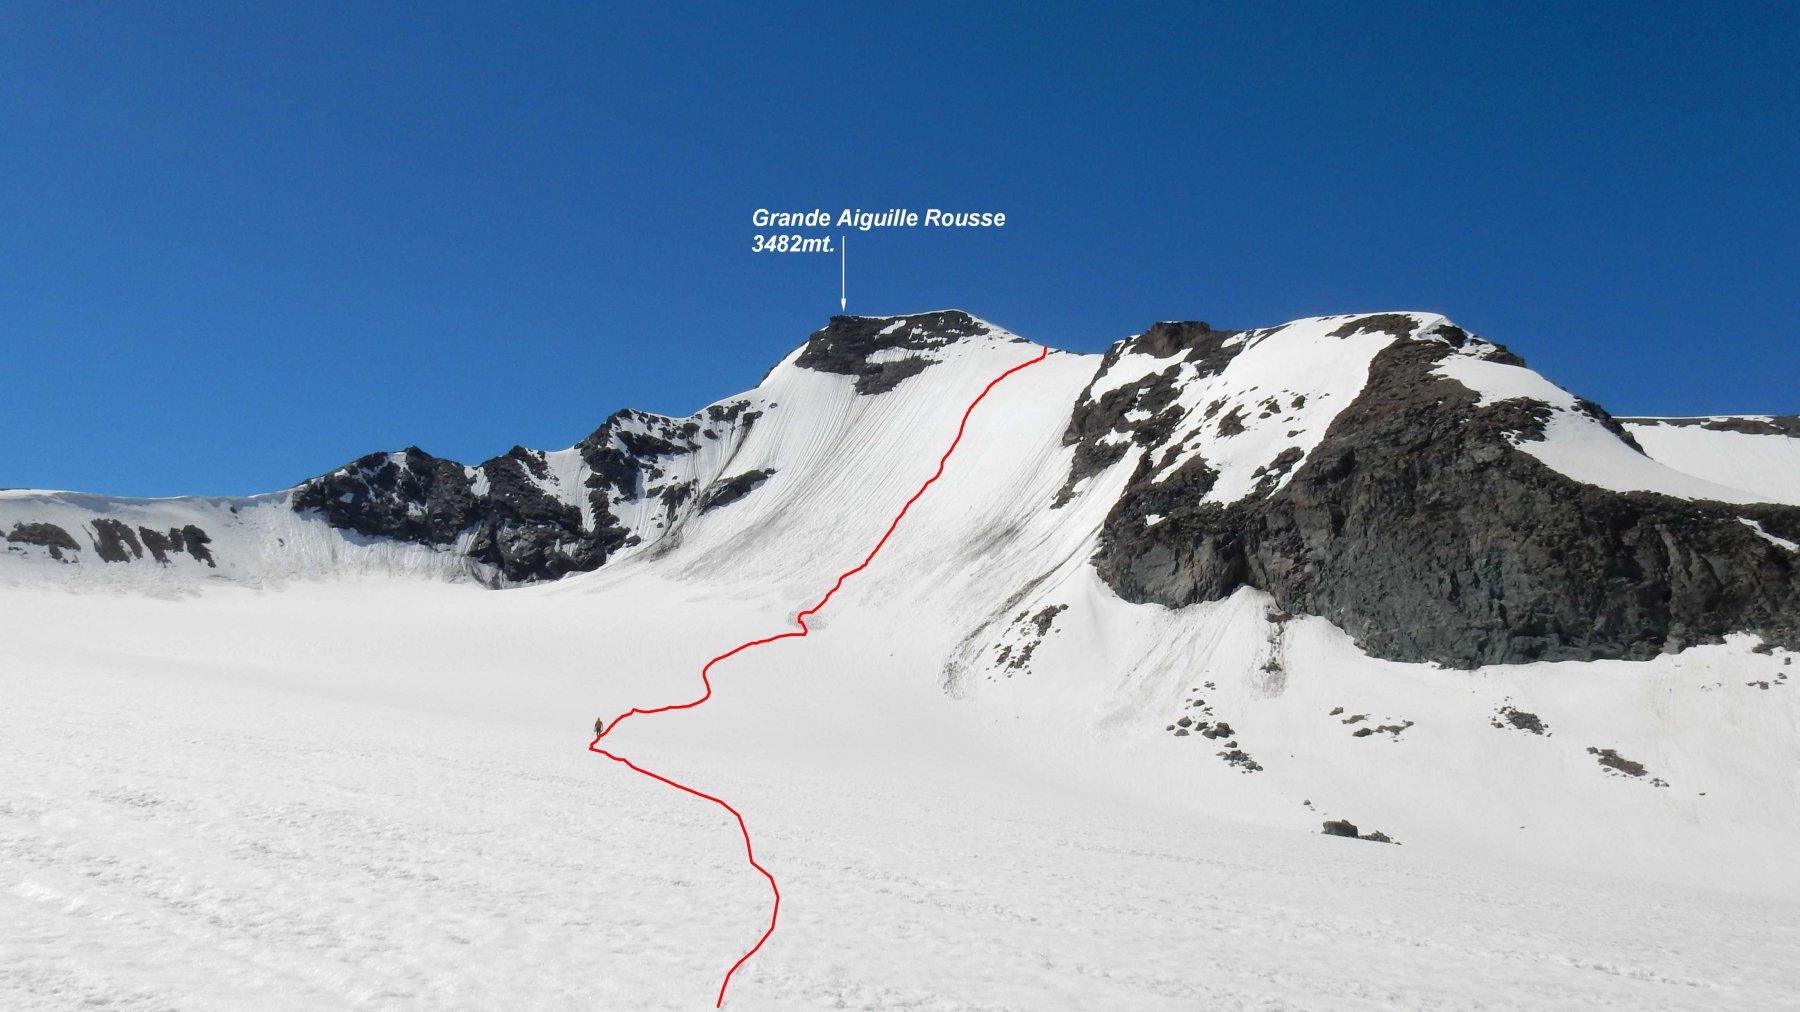 La nostra meta con la traccia di salita vista dal Glacier des Sources de l'Isere.